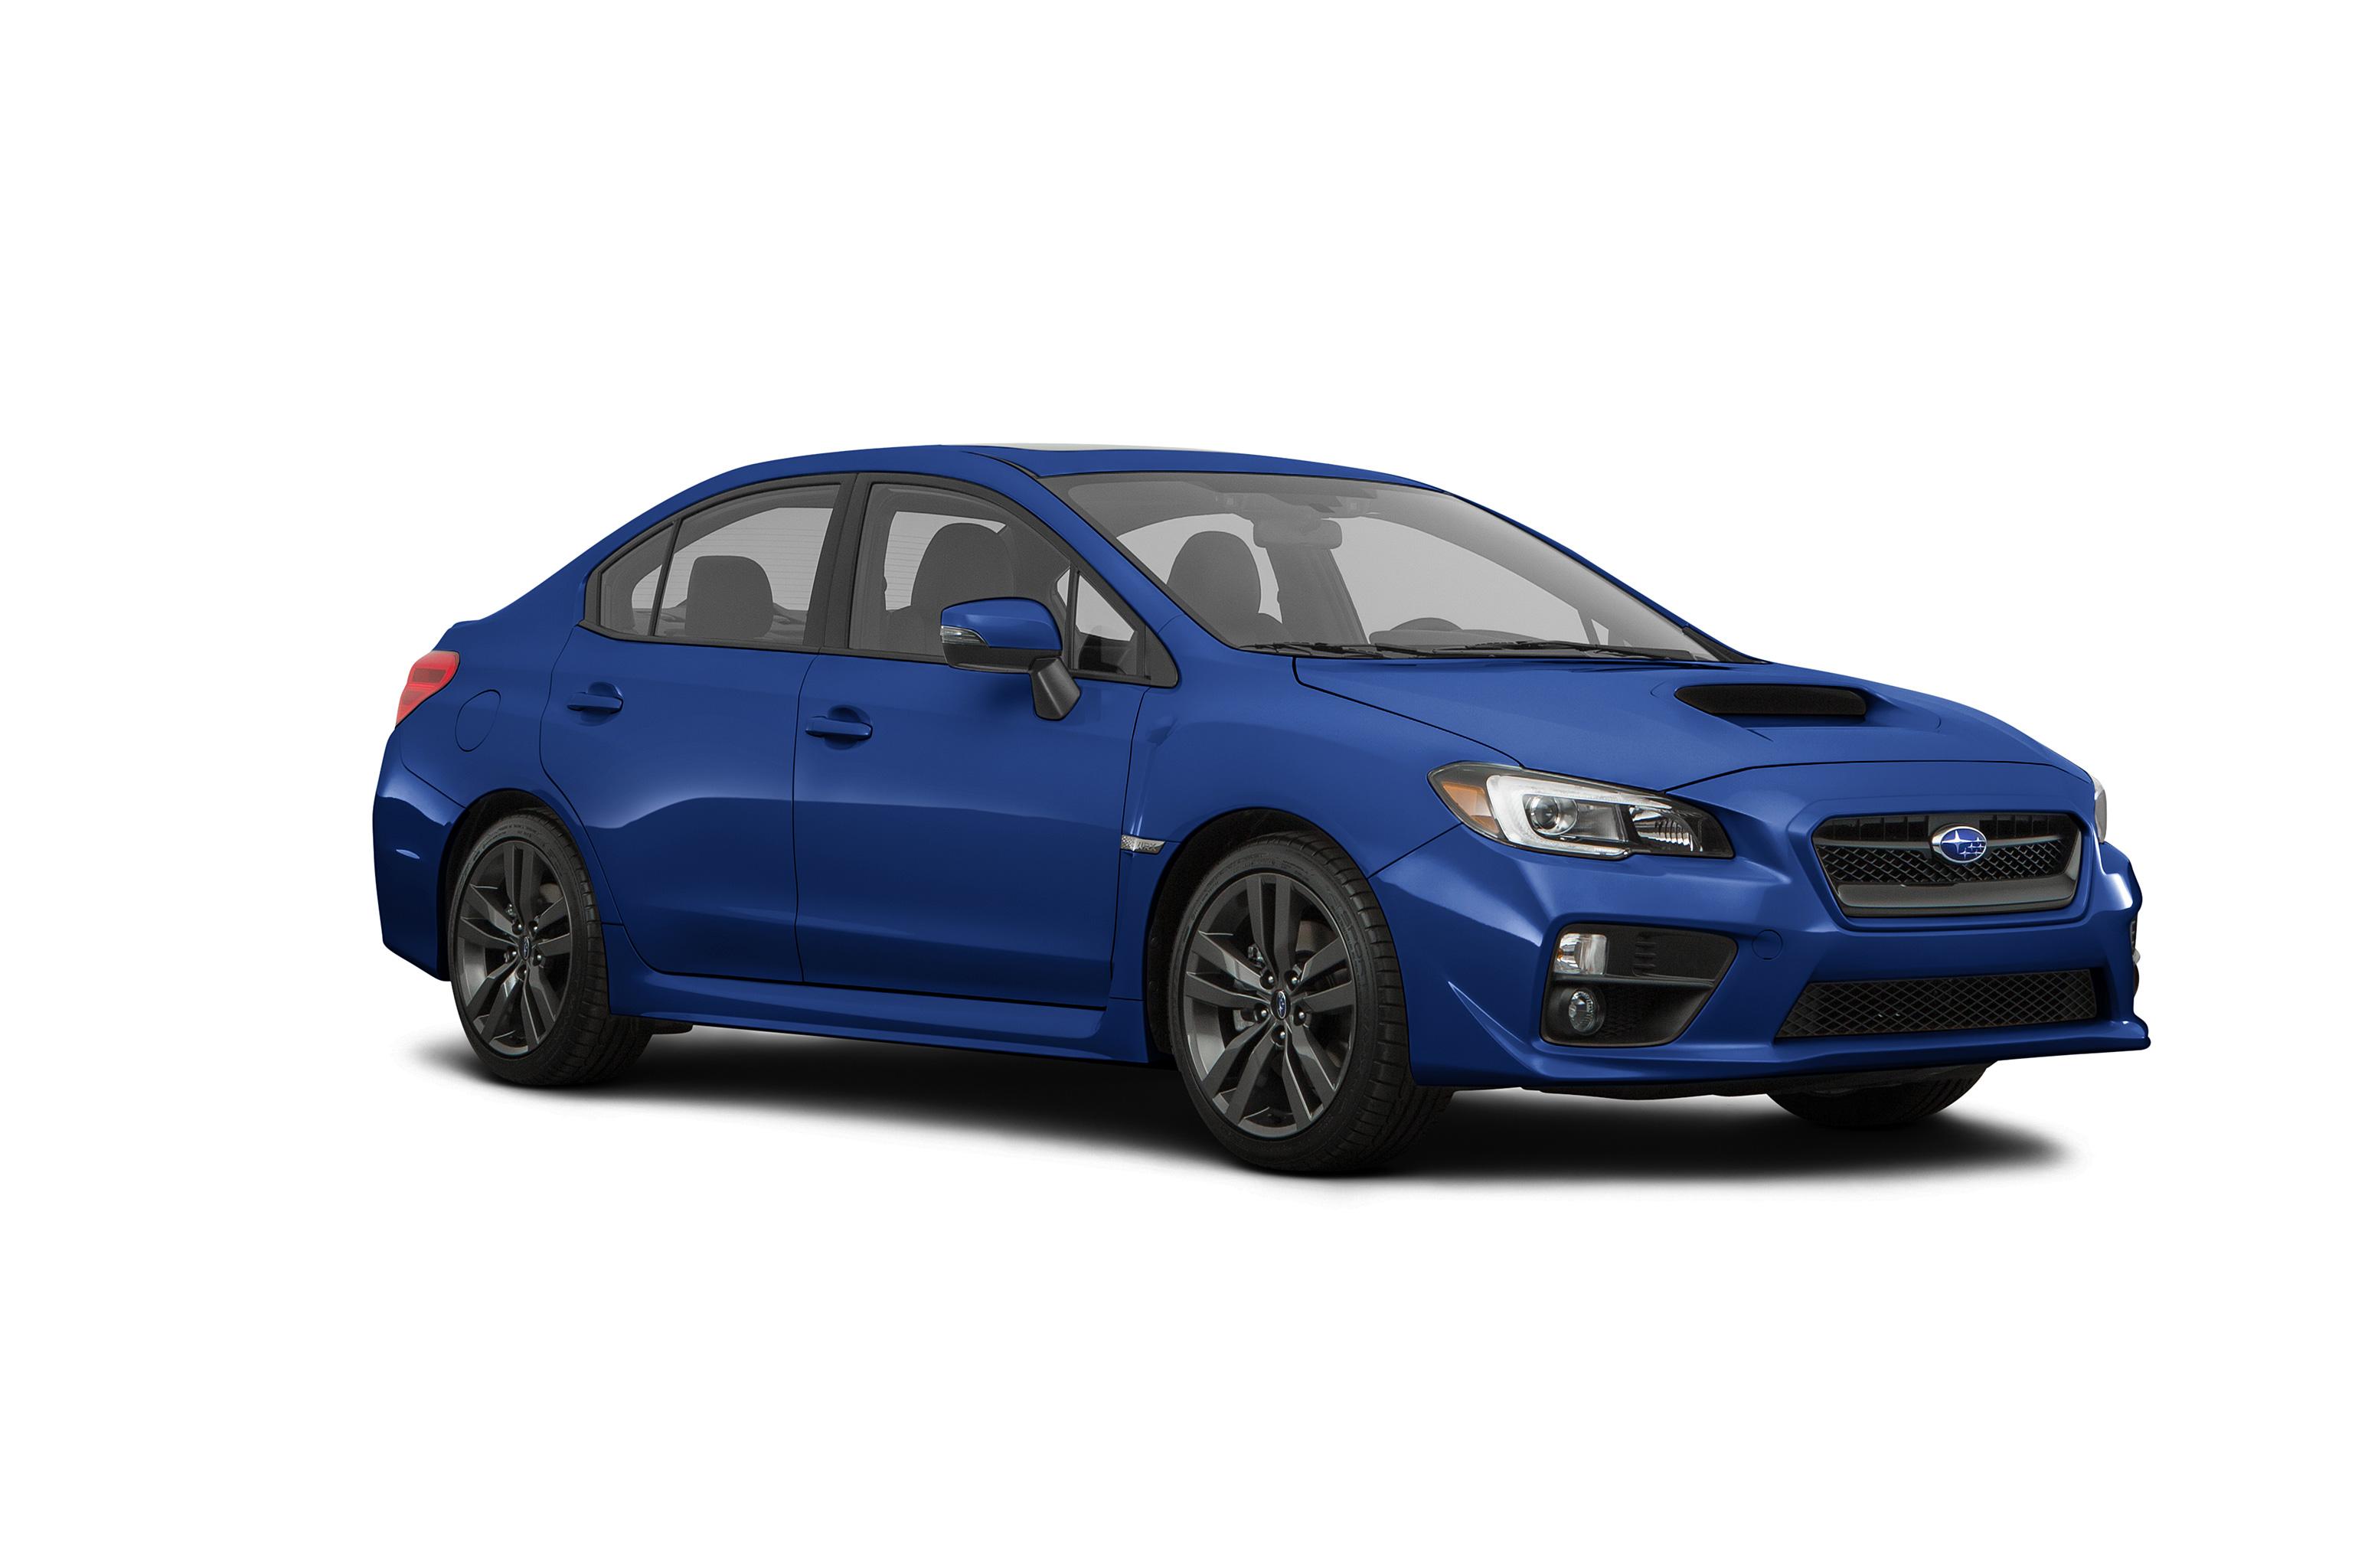 Shop Genuine 2018 Subaru WRX Accessories from Victory Subaru